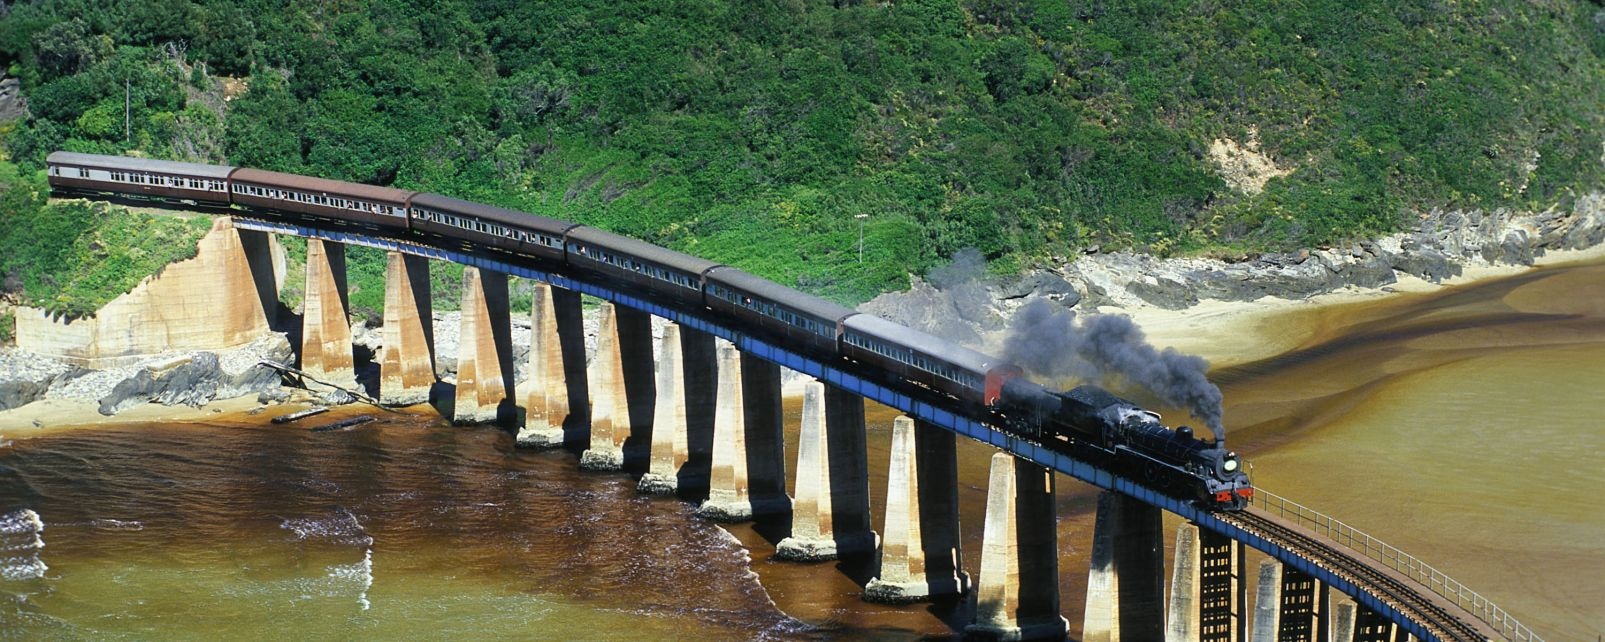 Les côtes, OUTENIQUA CHOO TJOE, train, vapeur, transport, afrique, afrique du sud, rivière, pont, kaimans